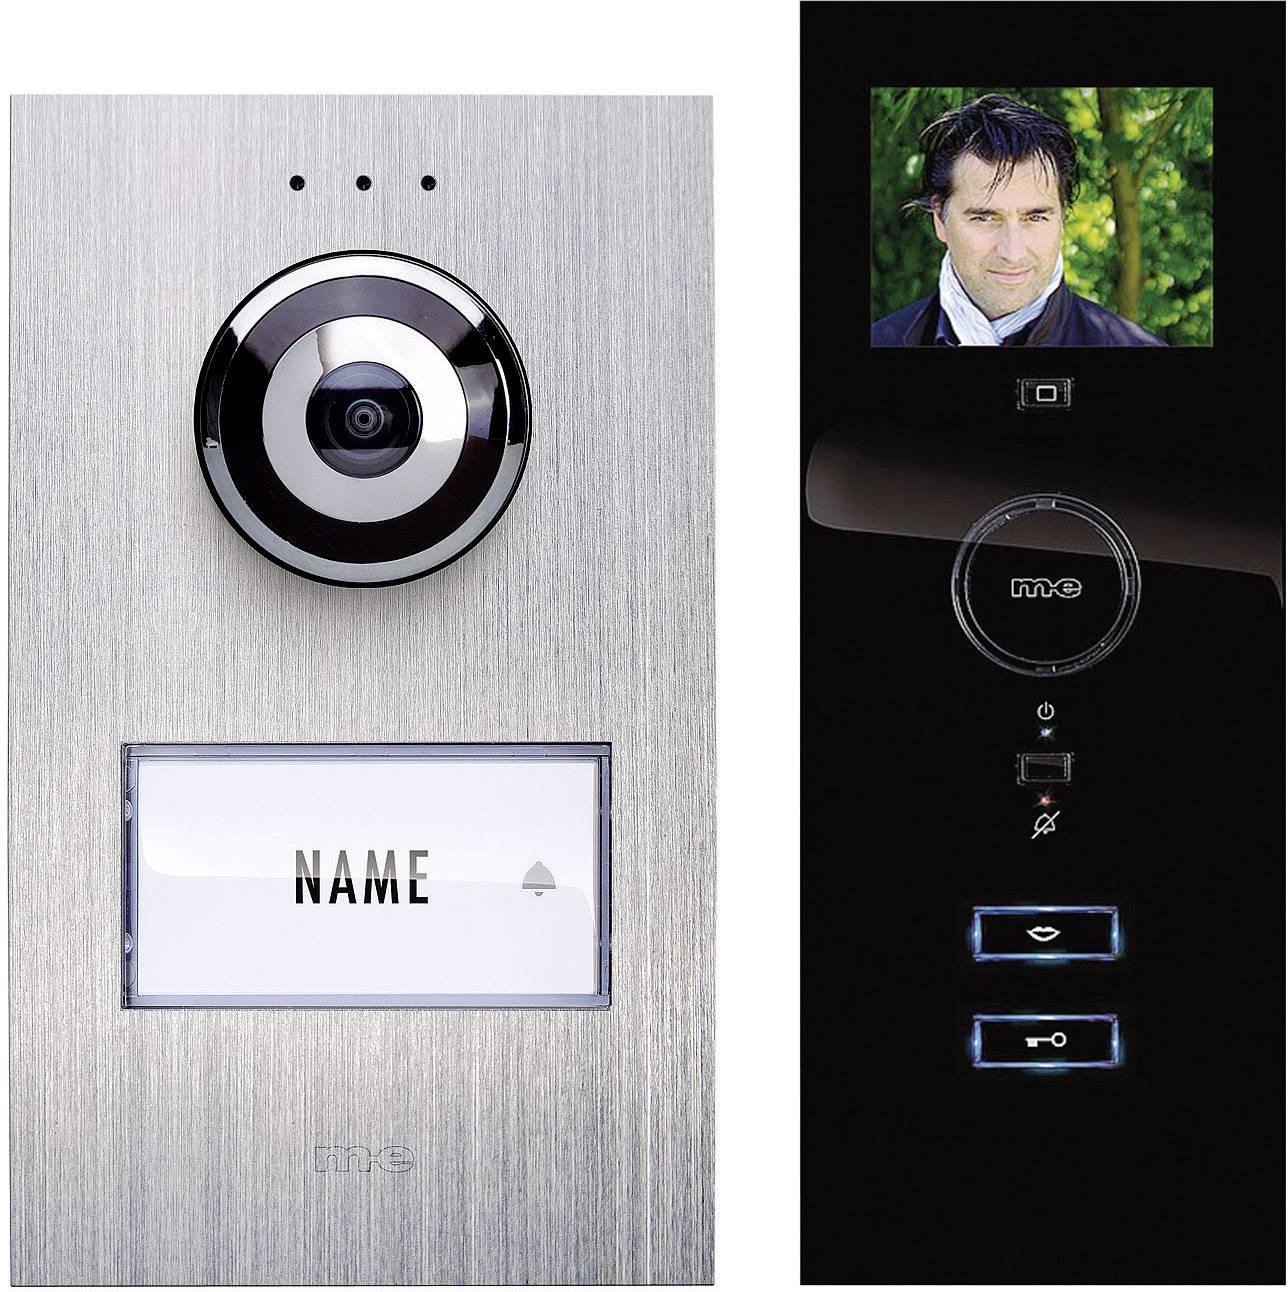 Káblový dverový telefón m-e modern-electronics strieborná, čierna